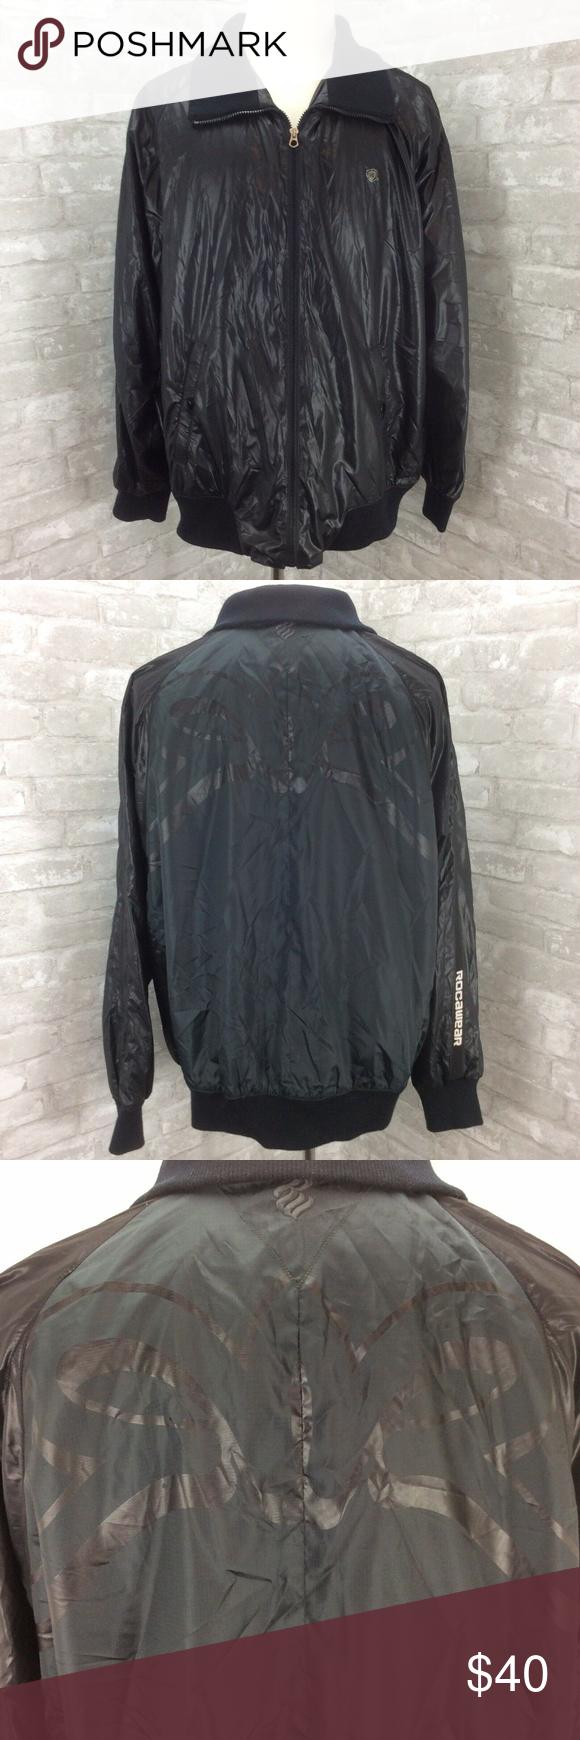 Rocawear Bomber Jacket Mens 2x Large Black Shiny W In 2020 Bomber Jacket Rocawear Mens Jackets [ 1740 x 580 Pixel ]